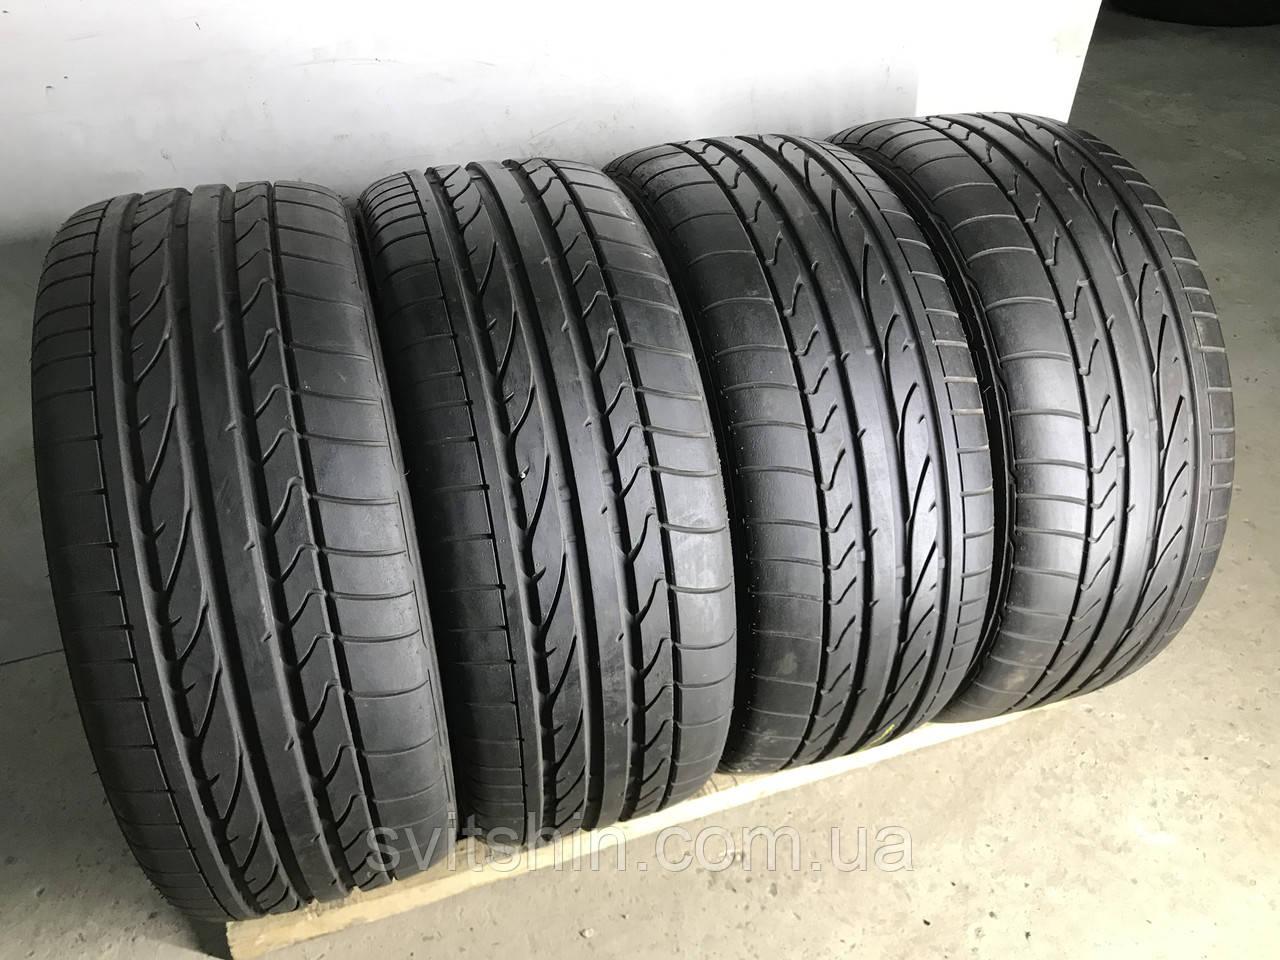 Шини бу літні 225/50R17 Bridgestone Potenza RE050A (7мм) 4шт.